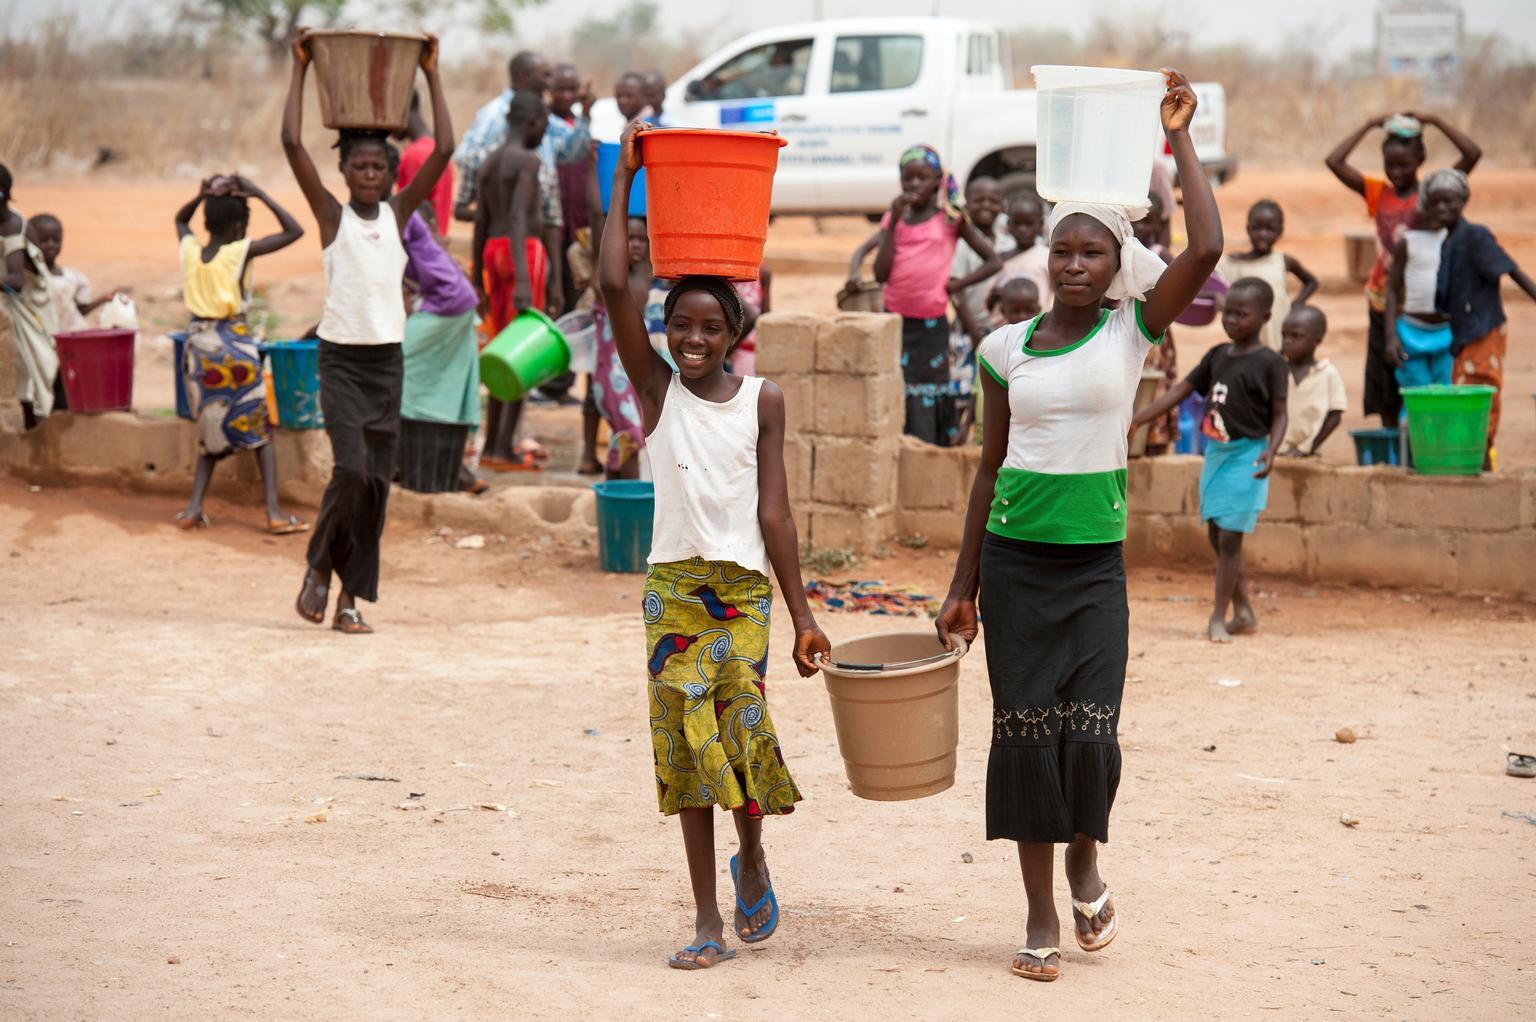 foto-výstava: nedostatek vody ve světě